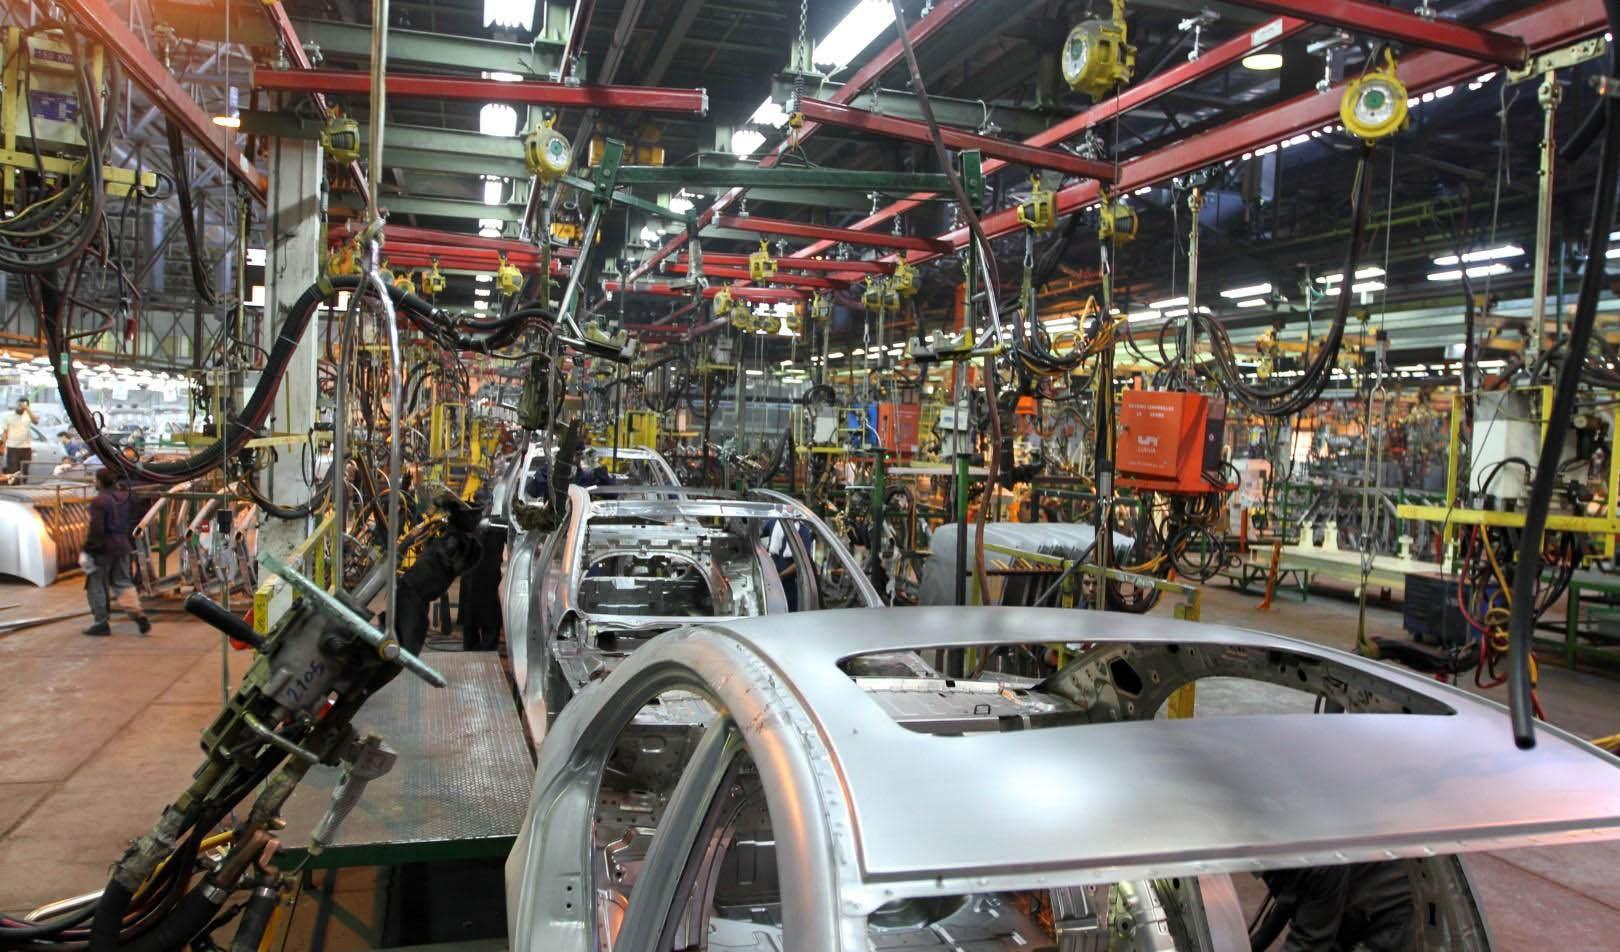 تولید پراید ۱۳۲ متوقف شد/ عرضه ۸ محصول جدید در ۳ سال آینده